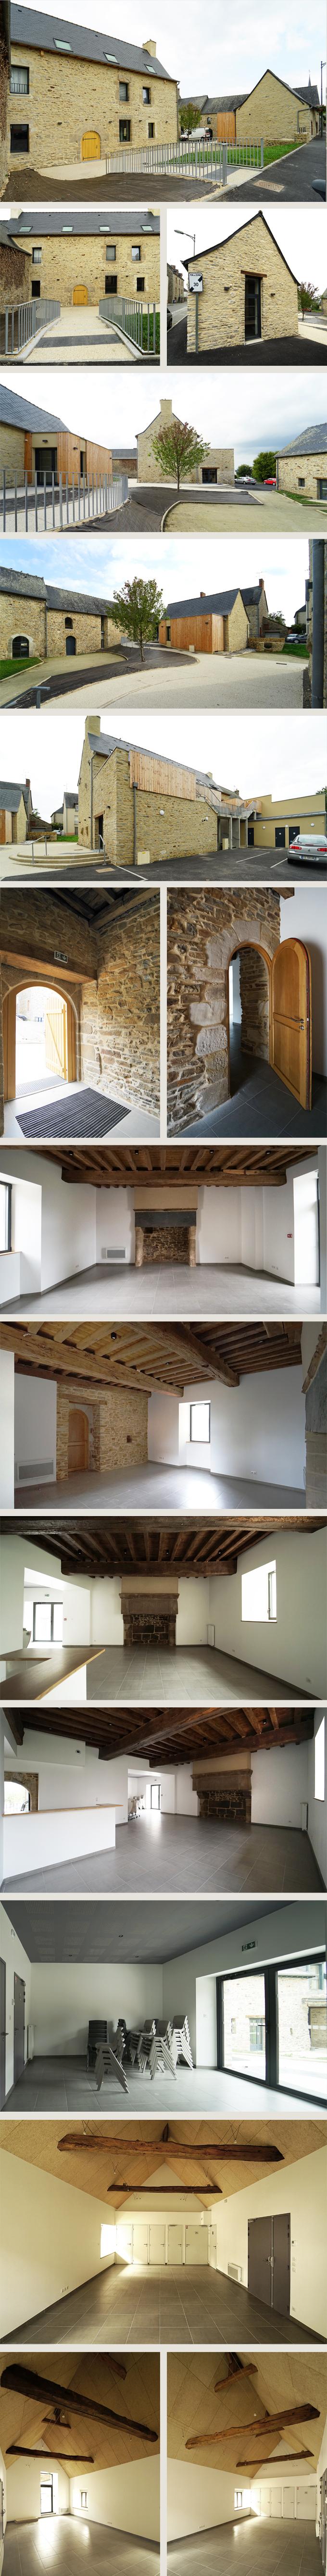 Rénovation d'un manoir; création de salles associatives et de musique + 3 logements à La Bouëxière (35)